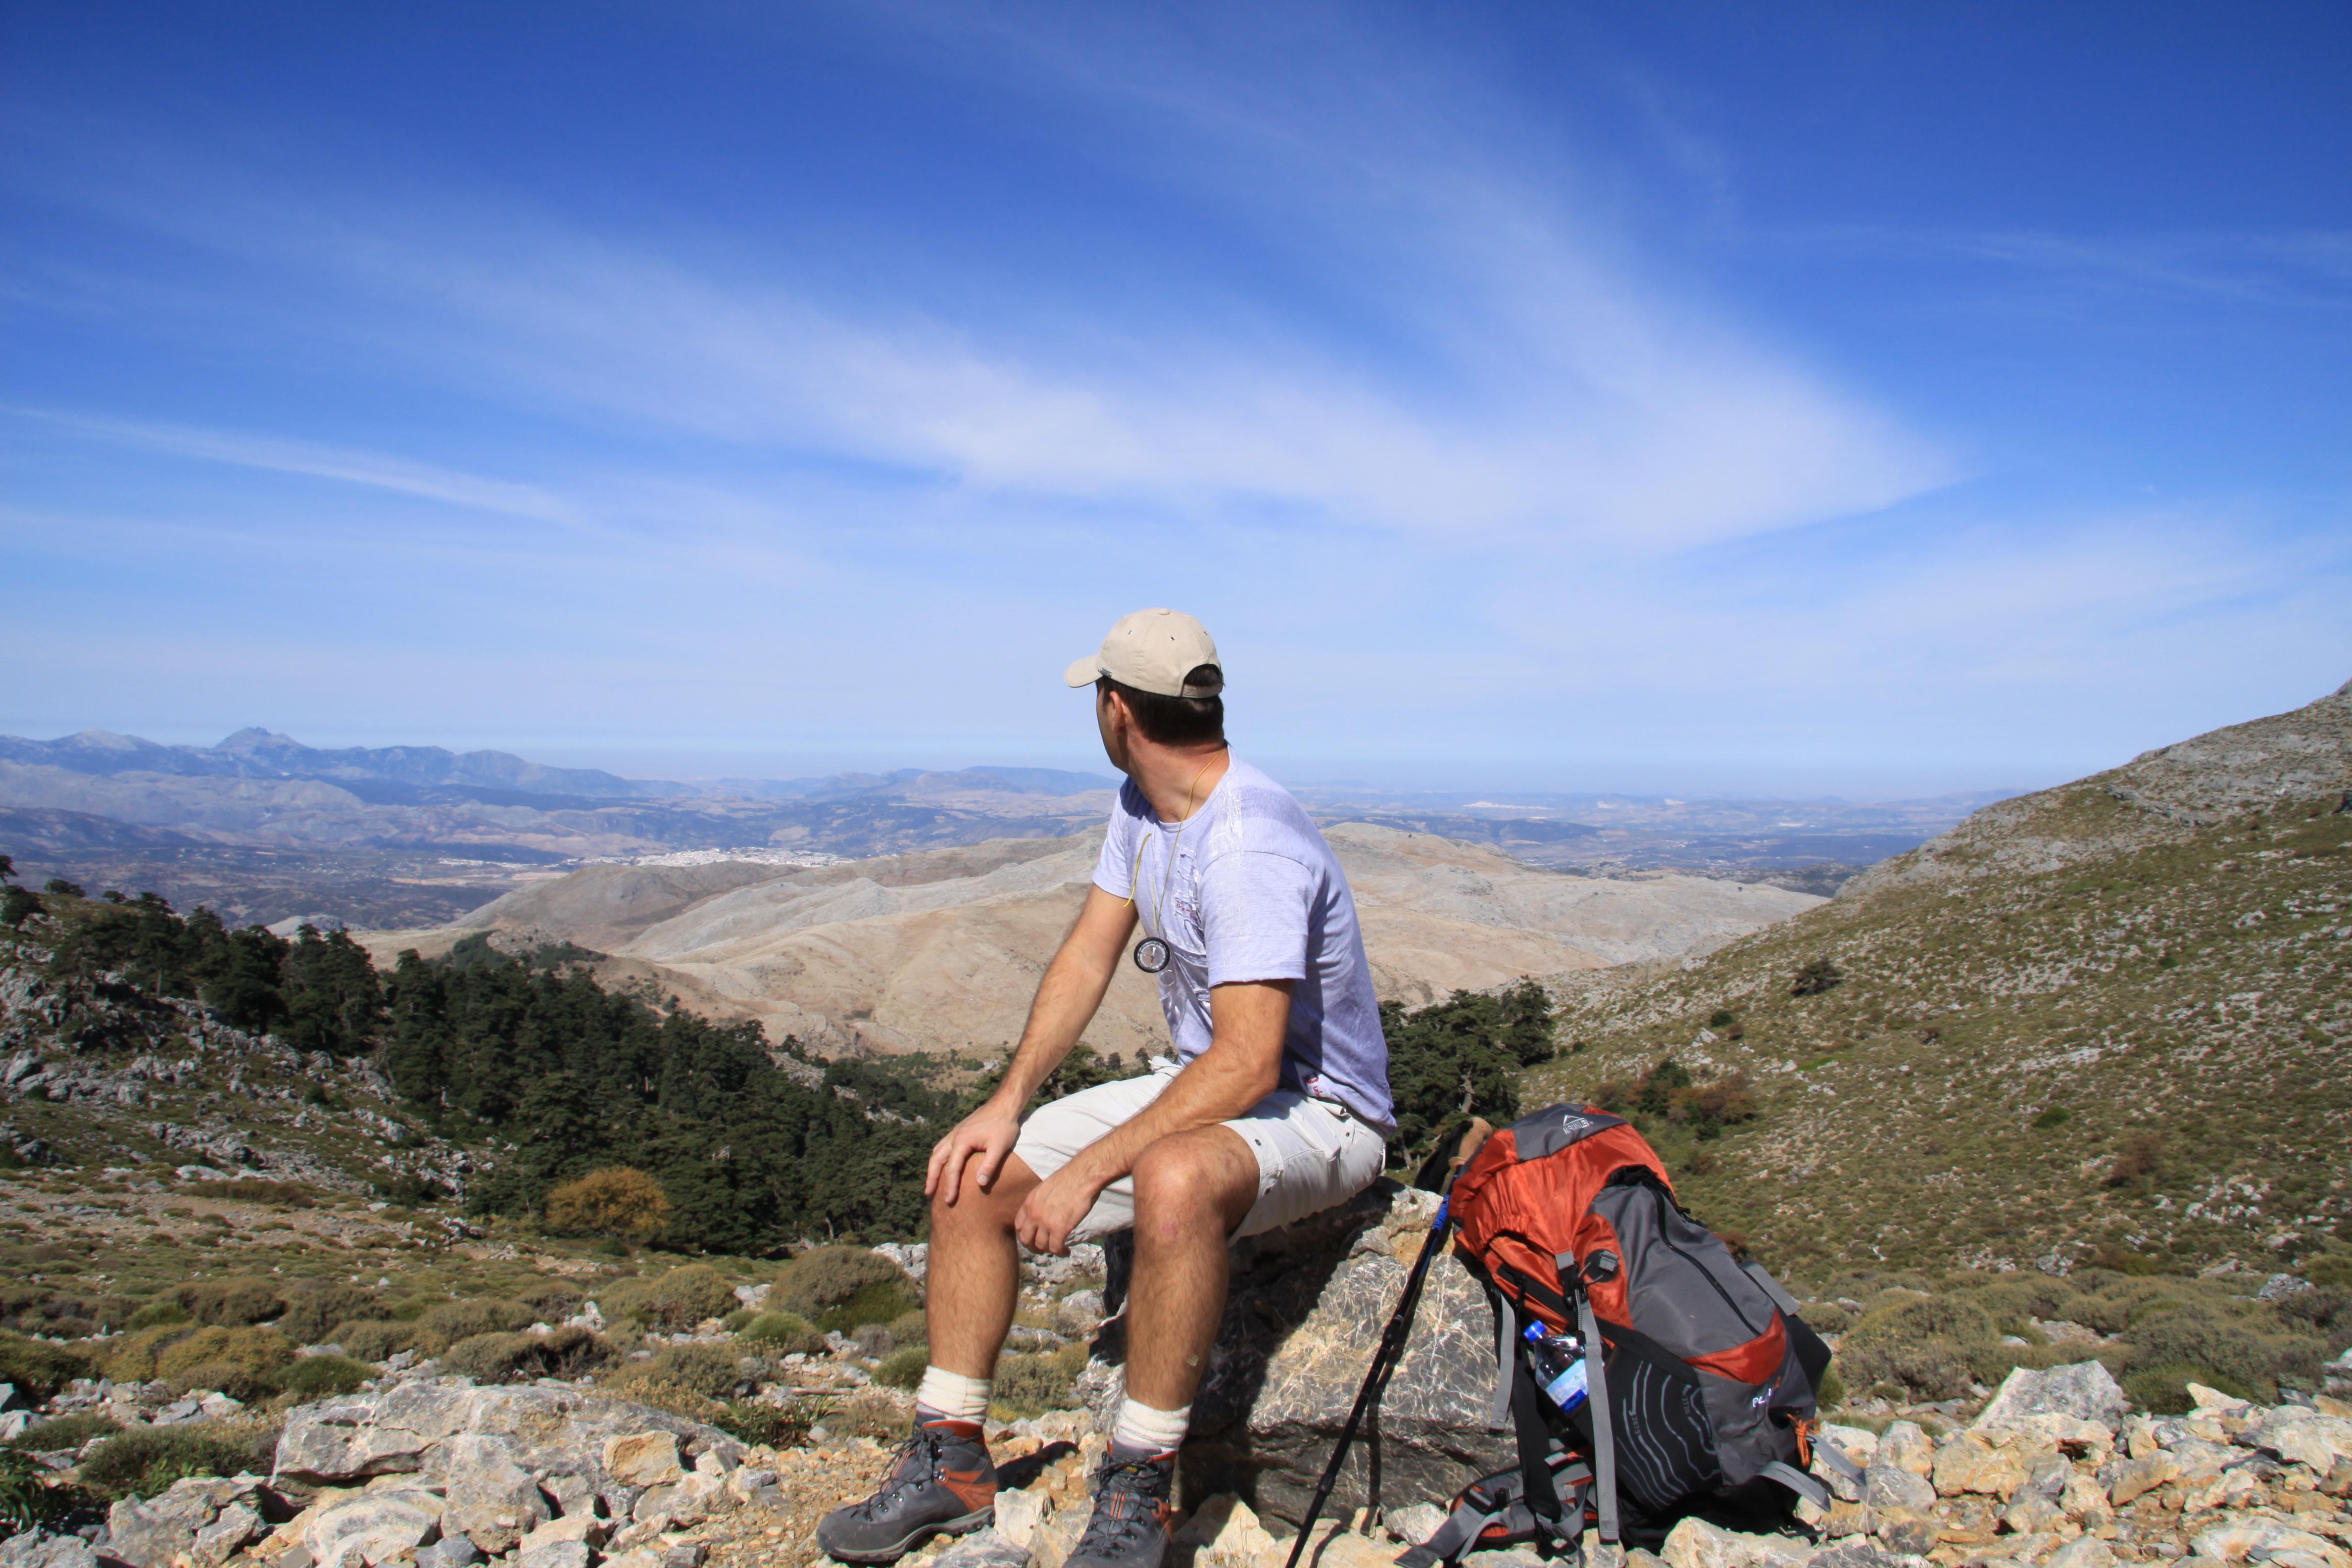 50% up la Torrecilla, sierra de las nieves www.andrewforbes.com